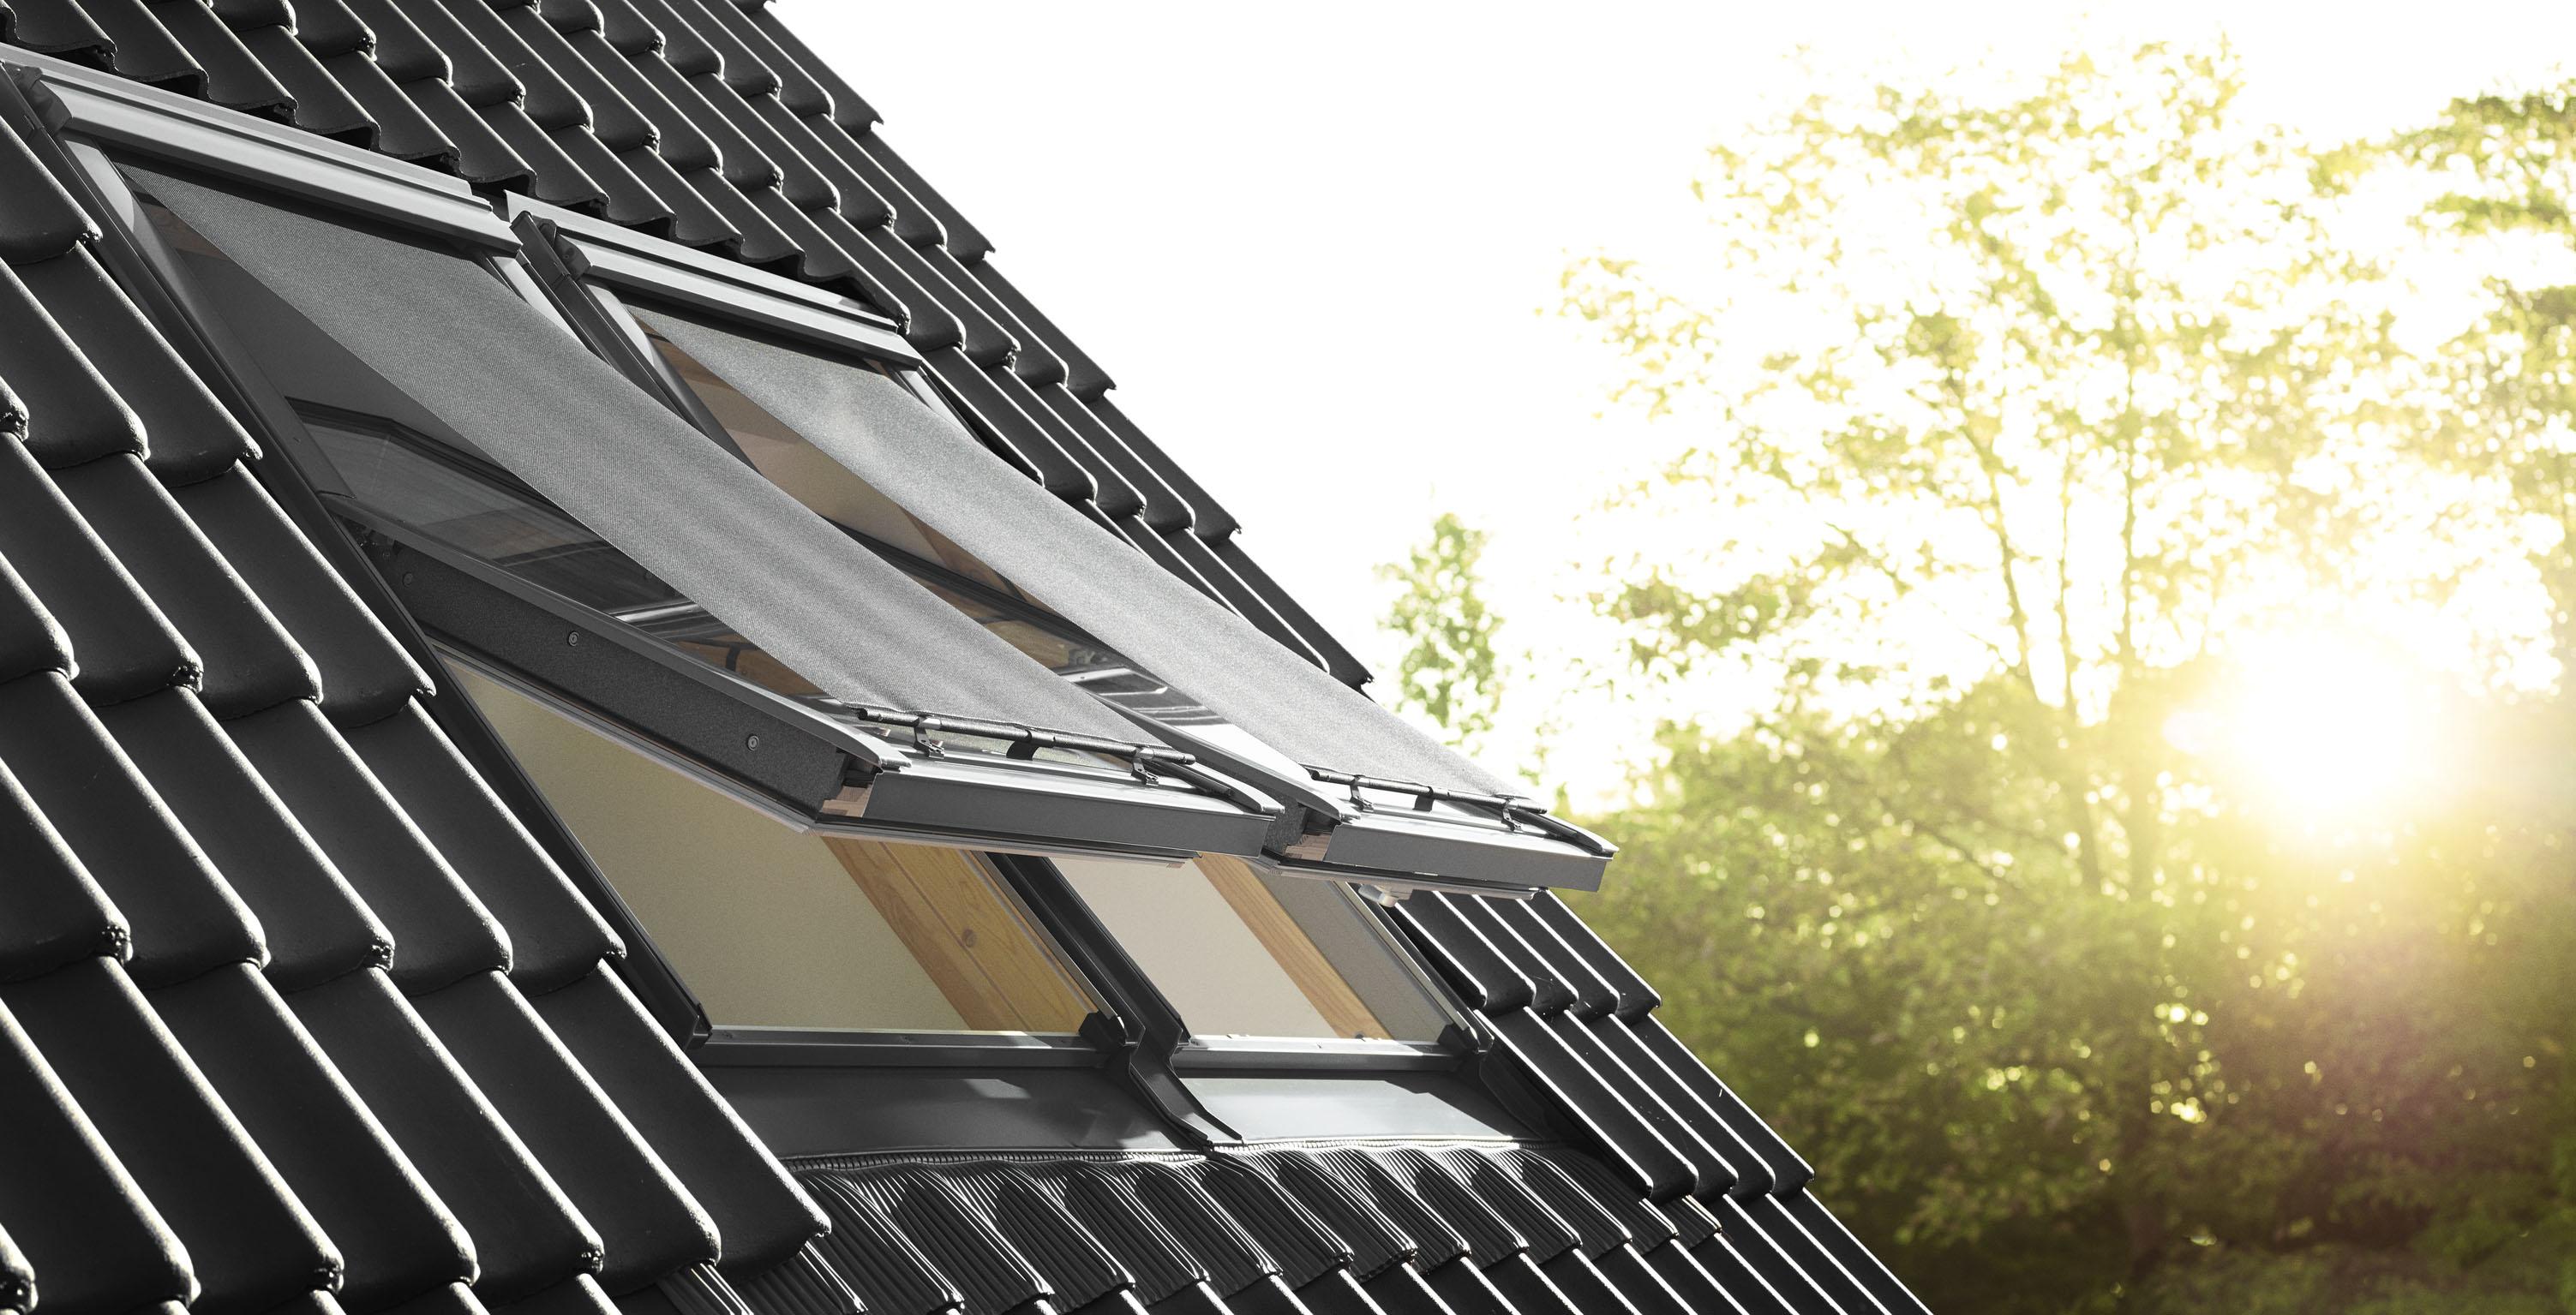 dachgeschoss bei hitze im sommer herunterk hlen. Black Bedroom Furniture Sets. Home Design Ideas